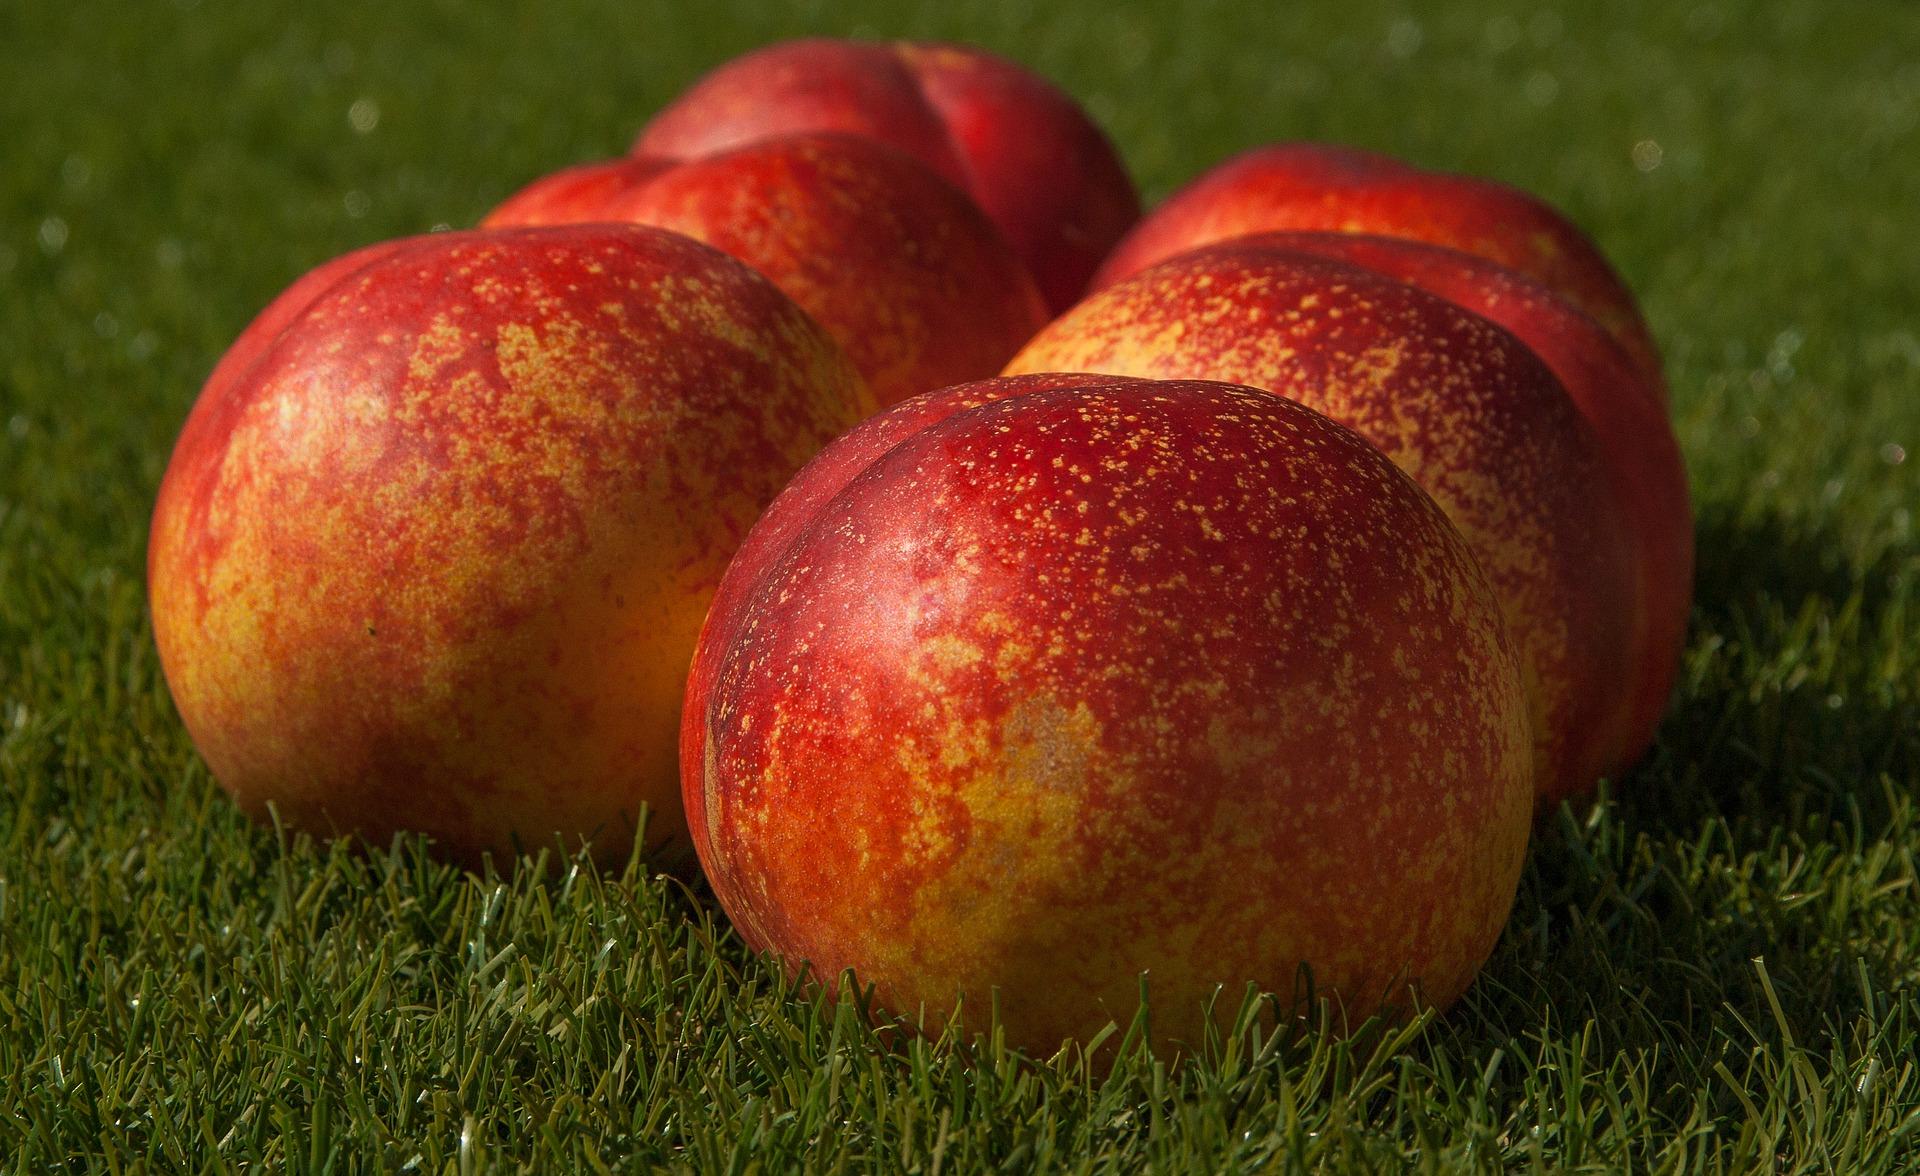 fruit-1605911_1920.jpg